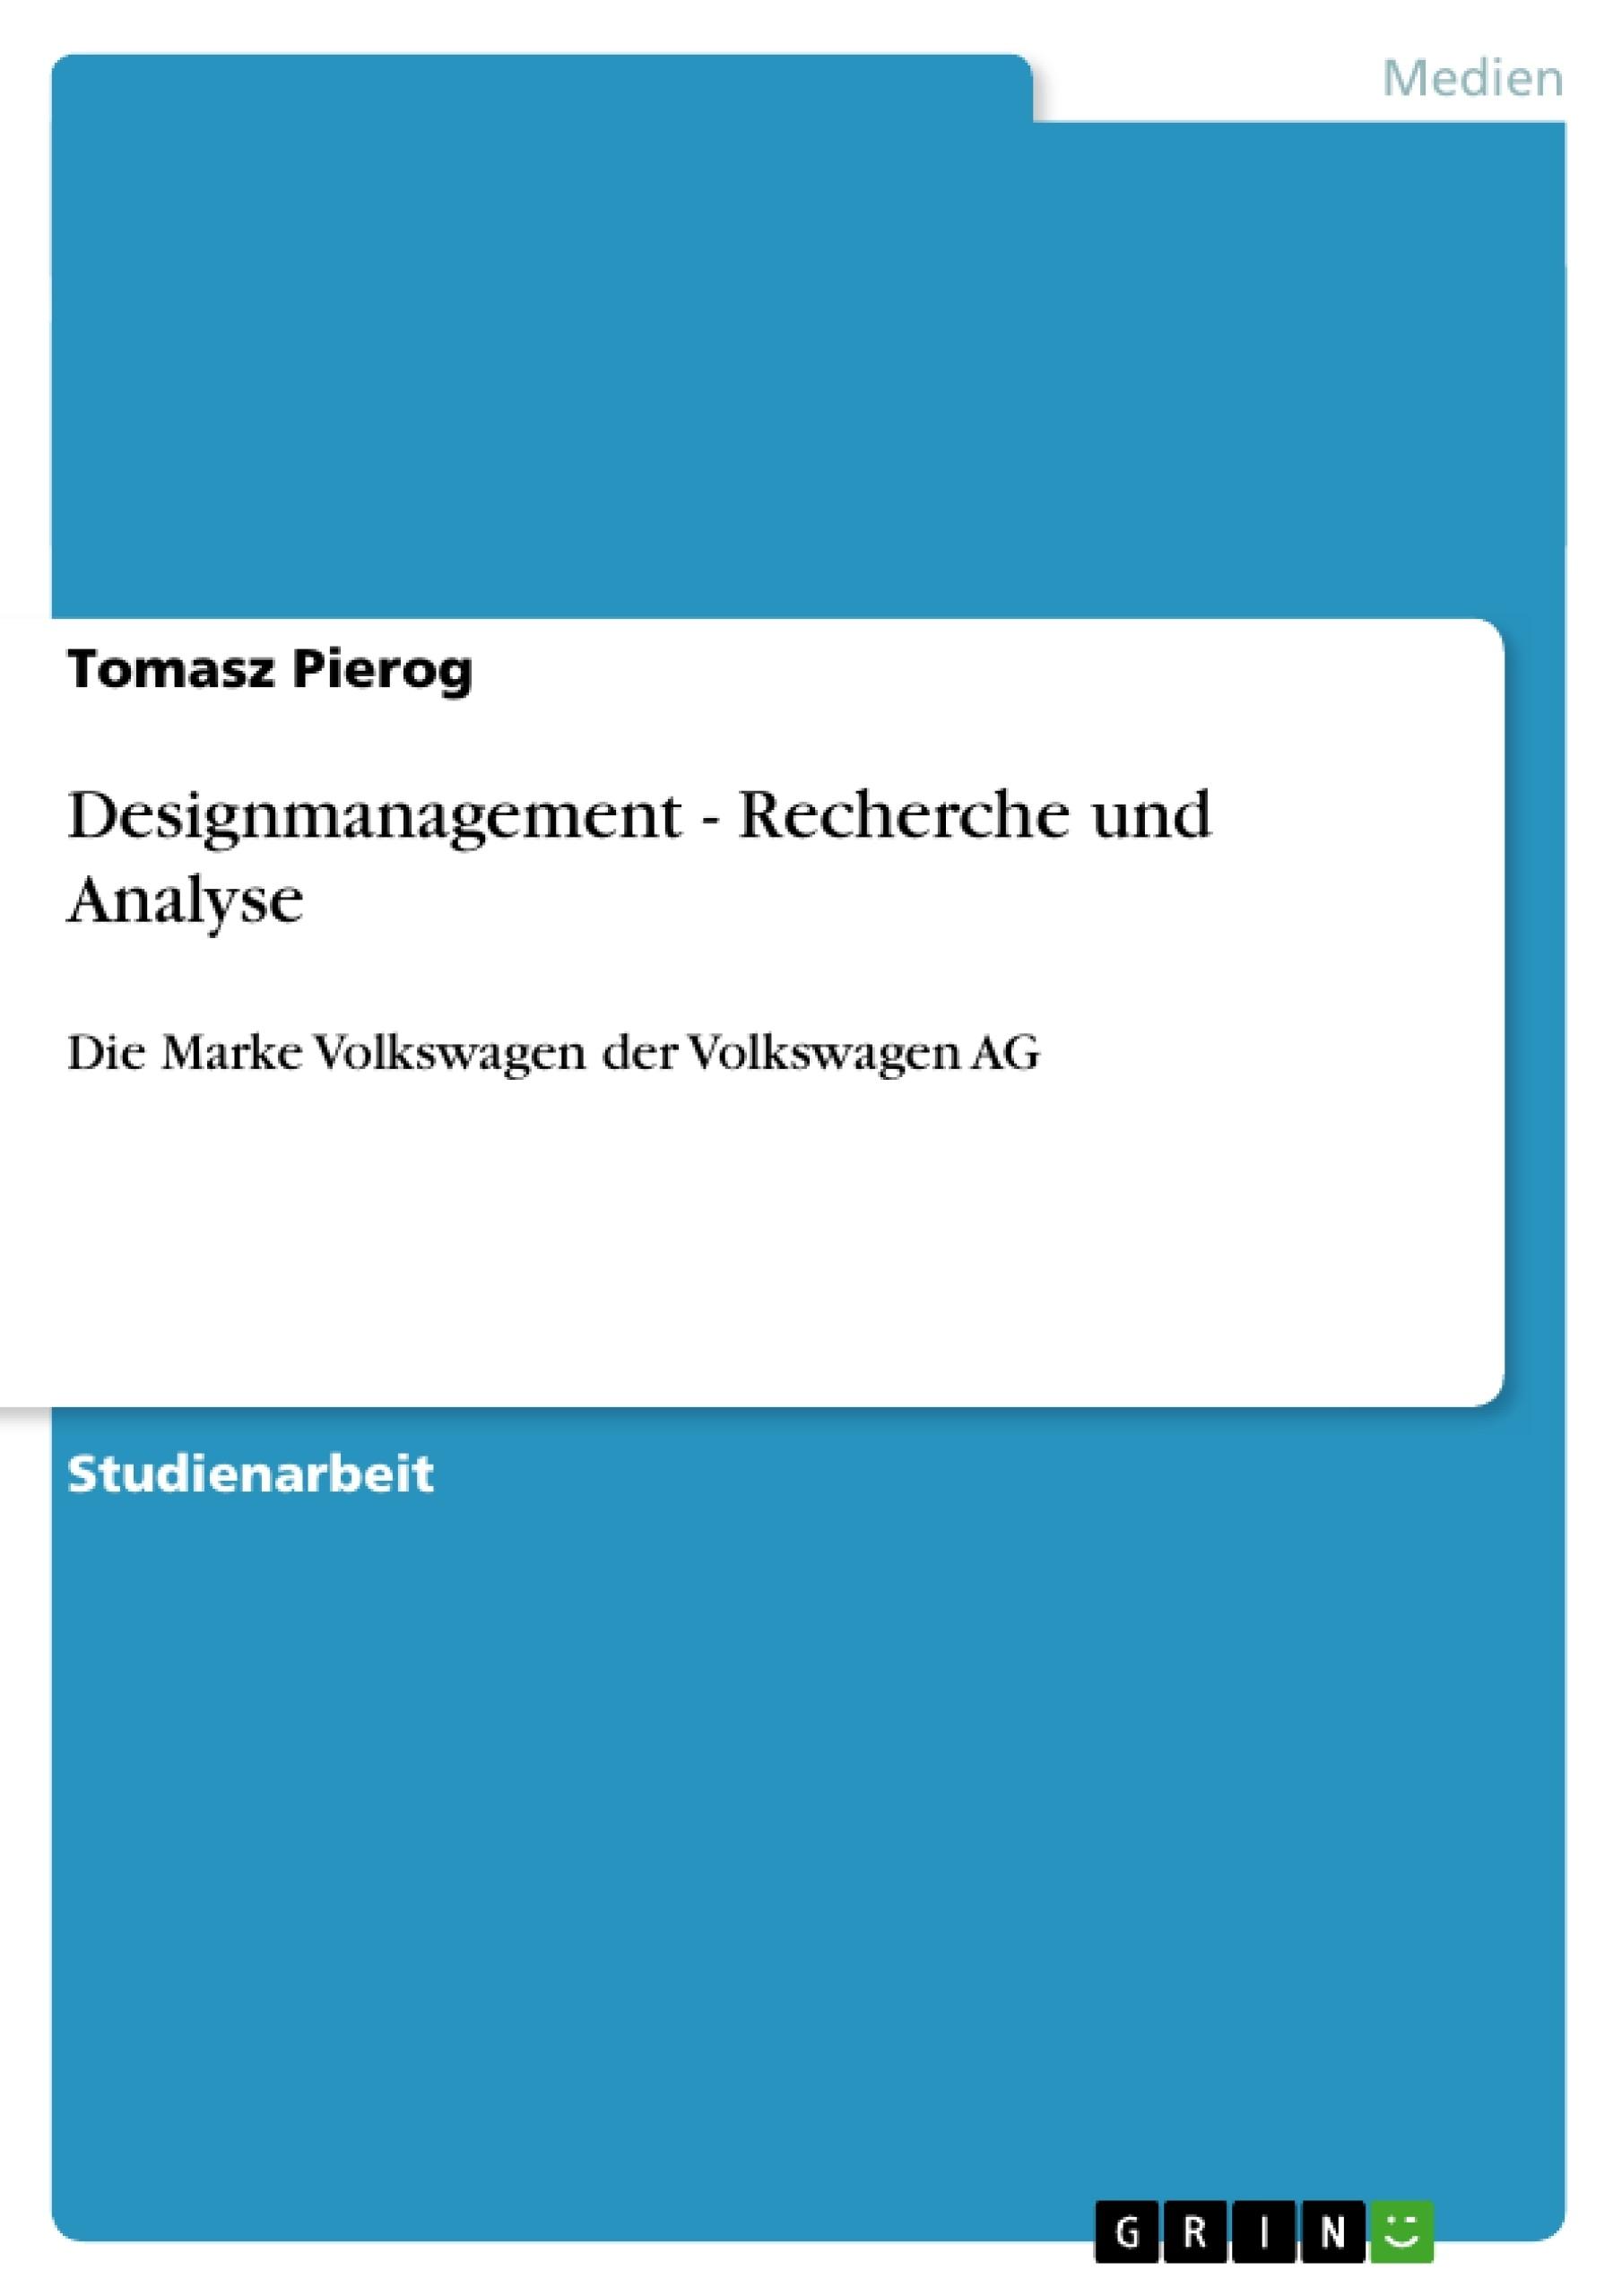 Titel: Designmanagement - Recherche und Analyse